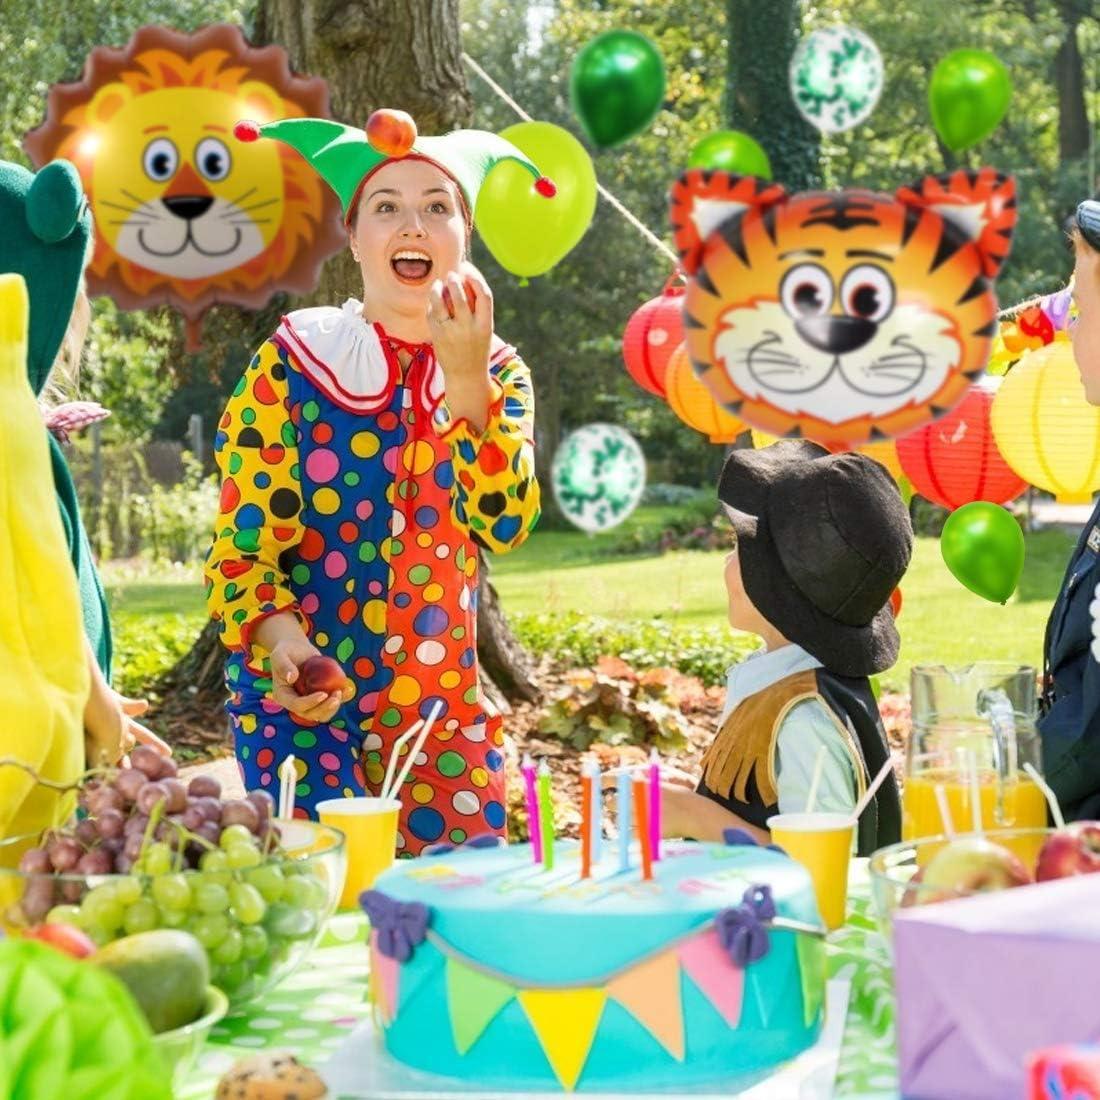 Gr/ün Luftballons Safari Tier Folienballons f/ür Kindergarten Dekoration Urwald Party Geburtstag Junge M/ädchen 4 Jahre Kindergeburtstag Deko Geburtstag Dekoration Set Bluelves 4